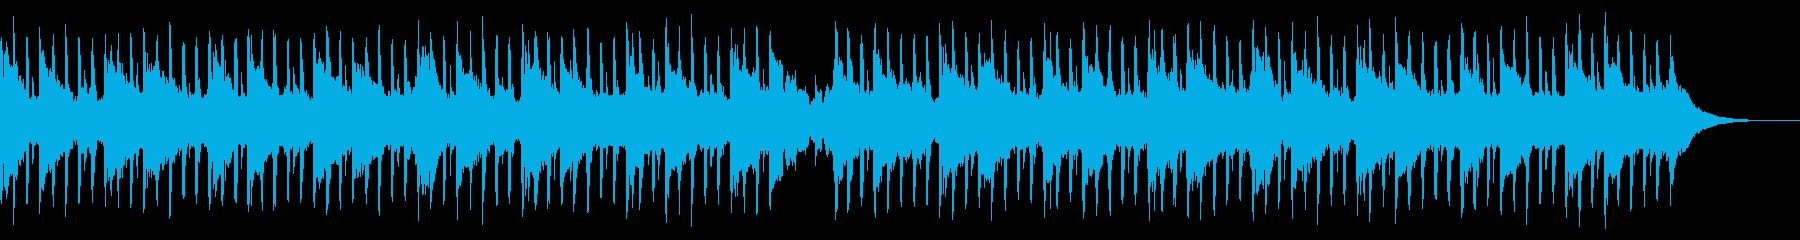 科学音楽(中)の再生済みの波形